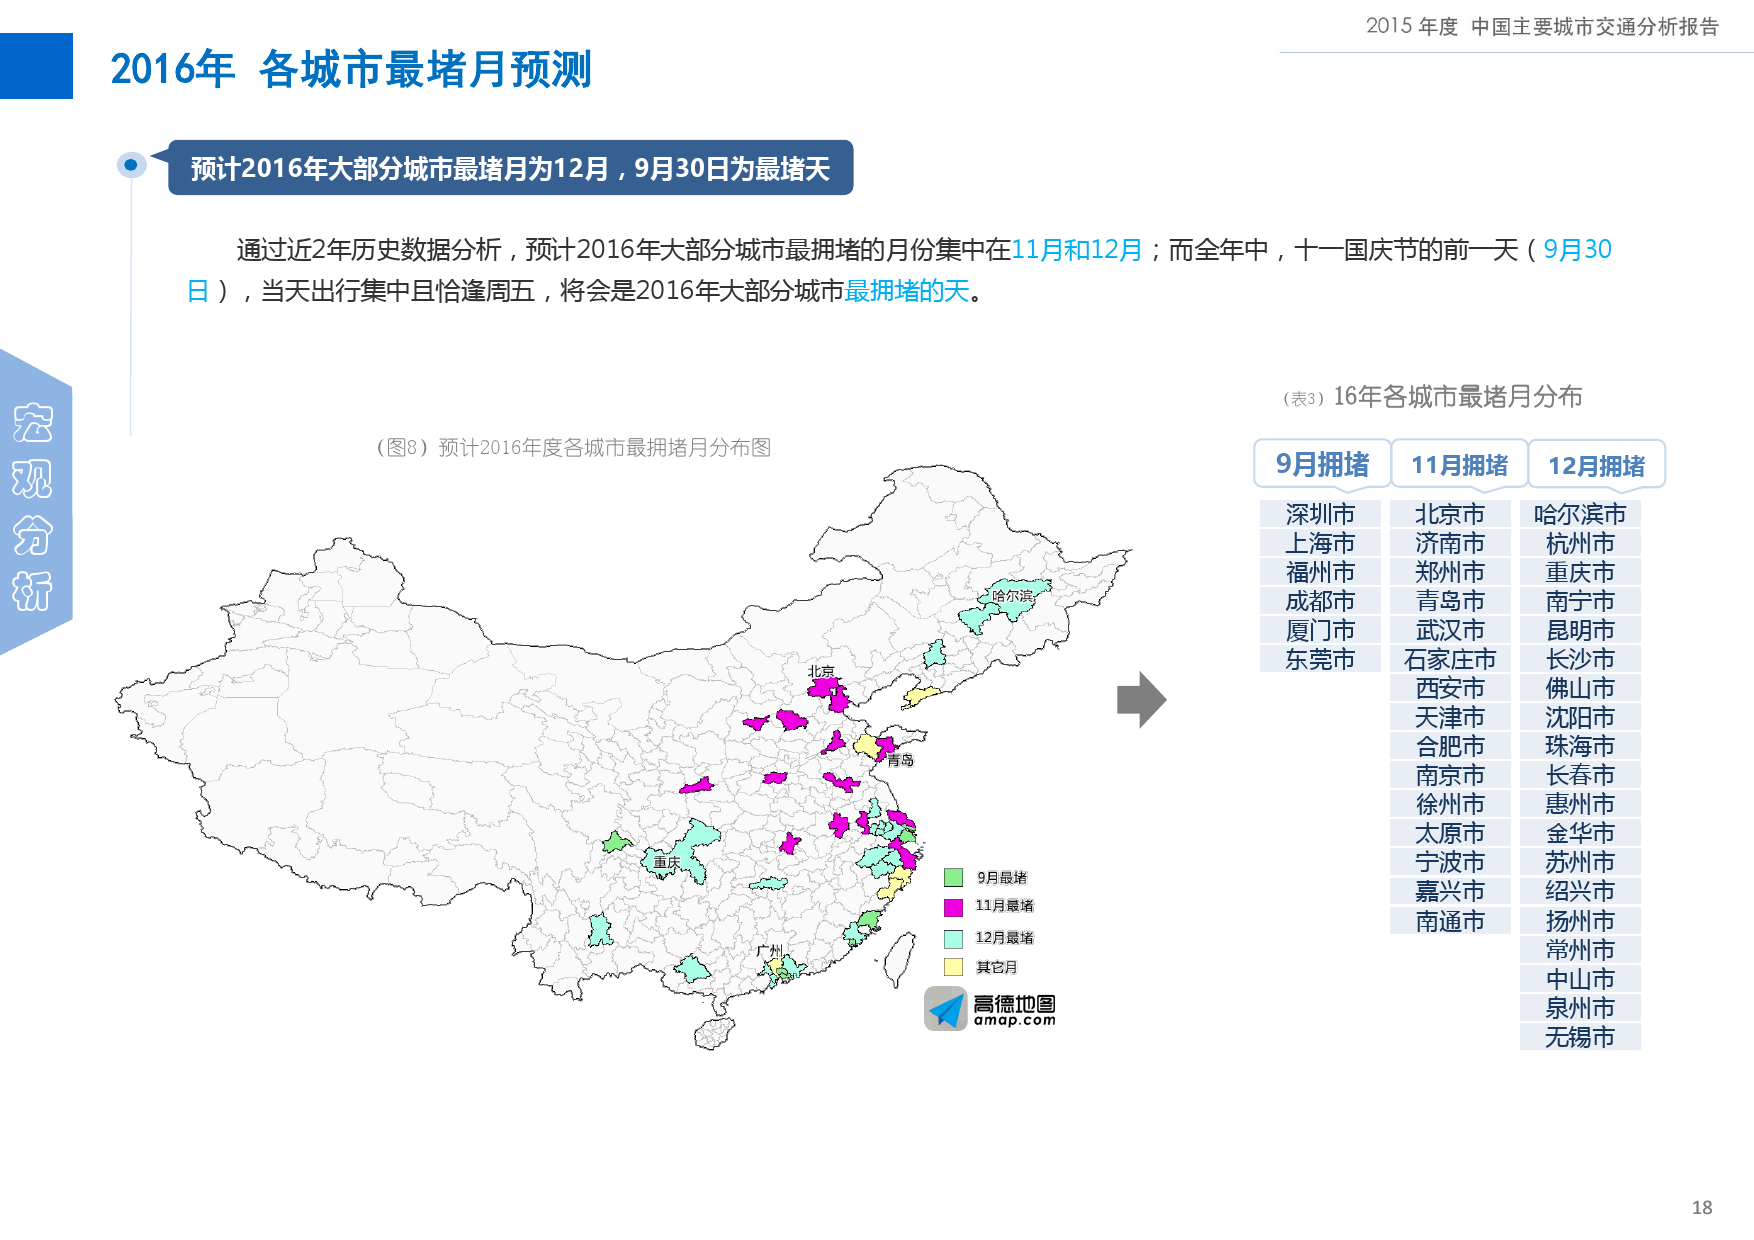 2015年度中国主要城市交通分析报告-final_000018